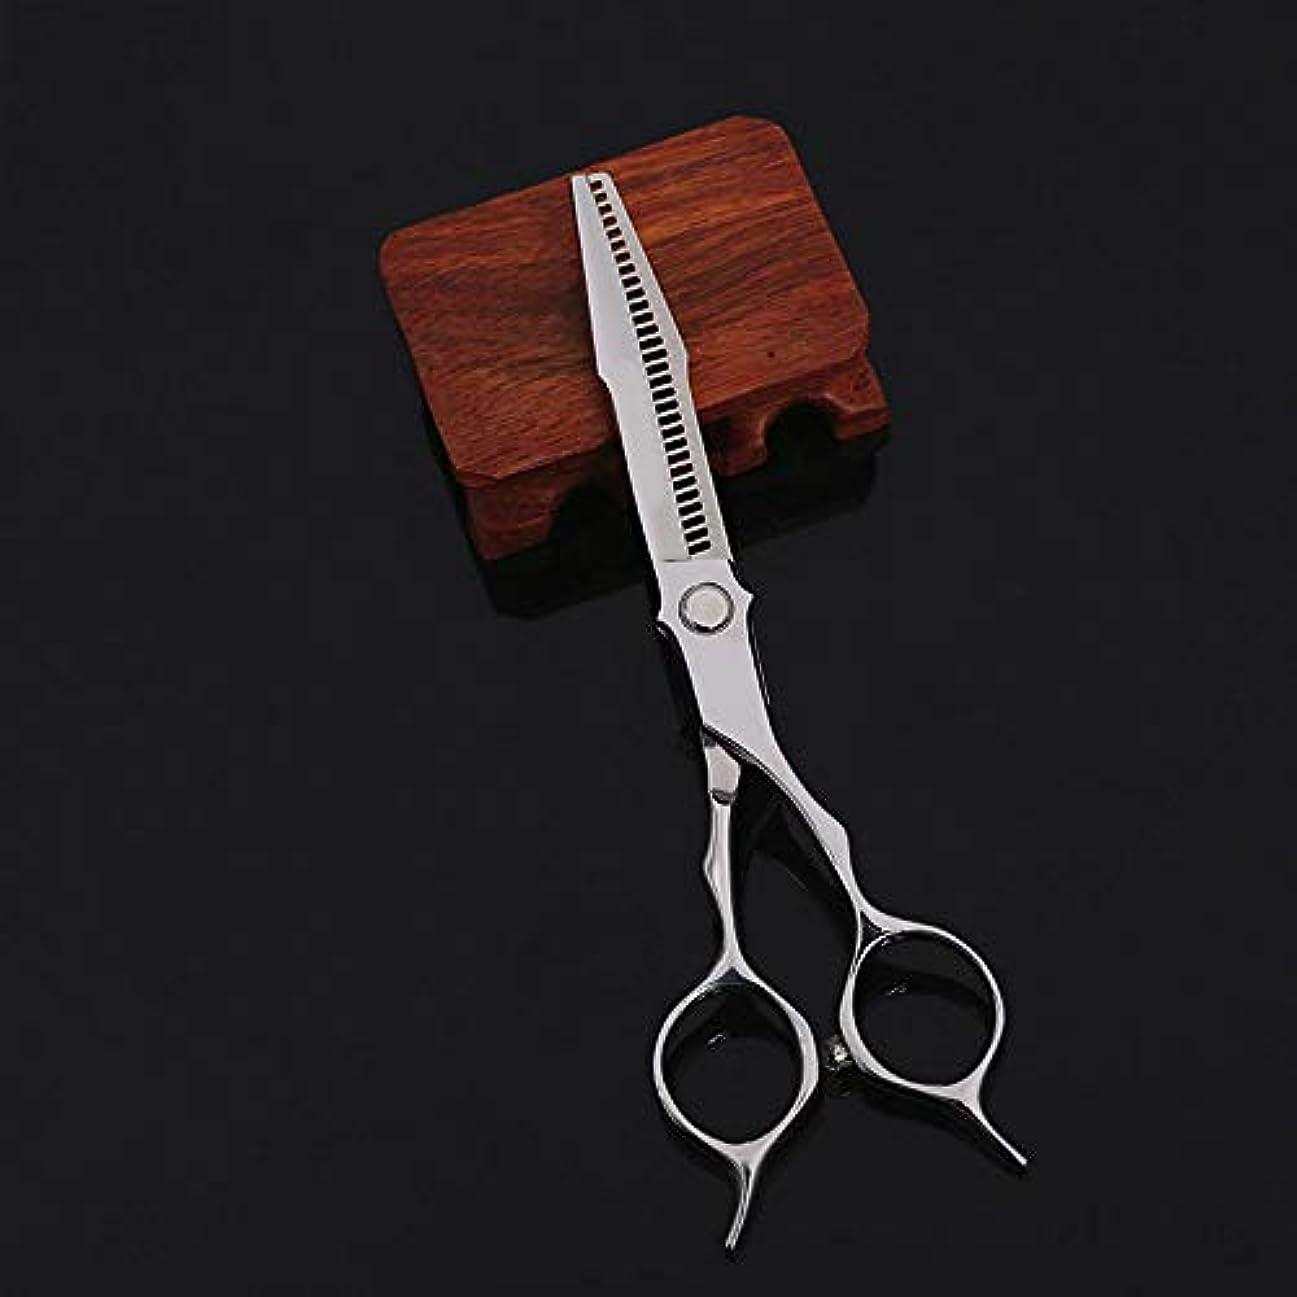 状ためらう真面目な6インチプロフェッショナル美容院理髪はさみ ヘアケア (色 : Silver)